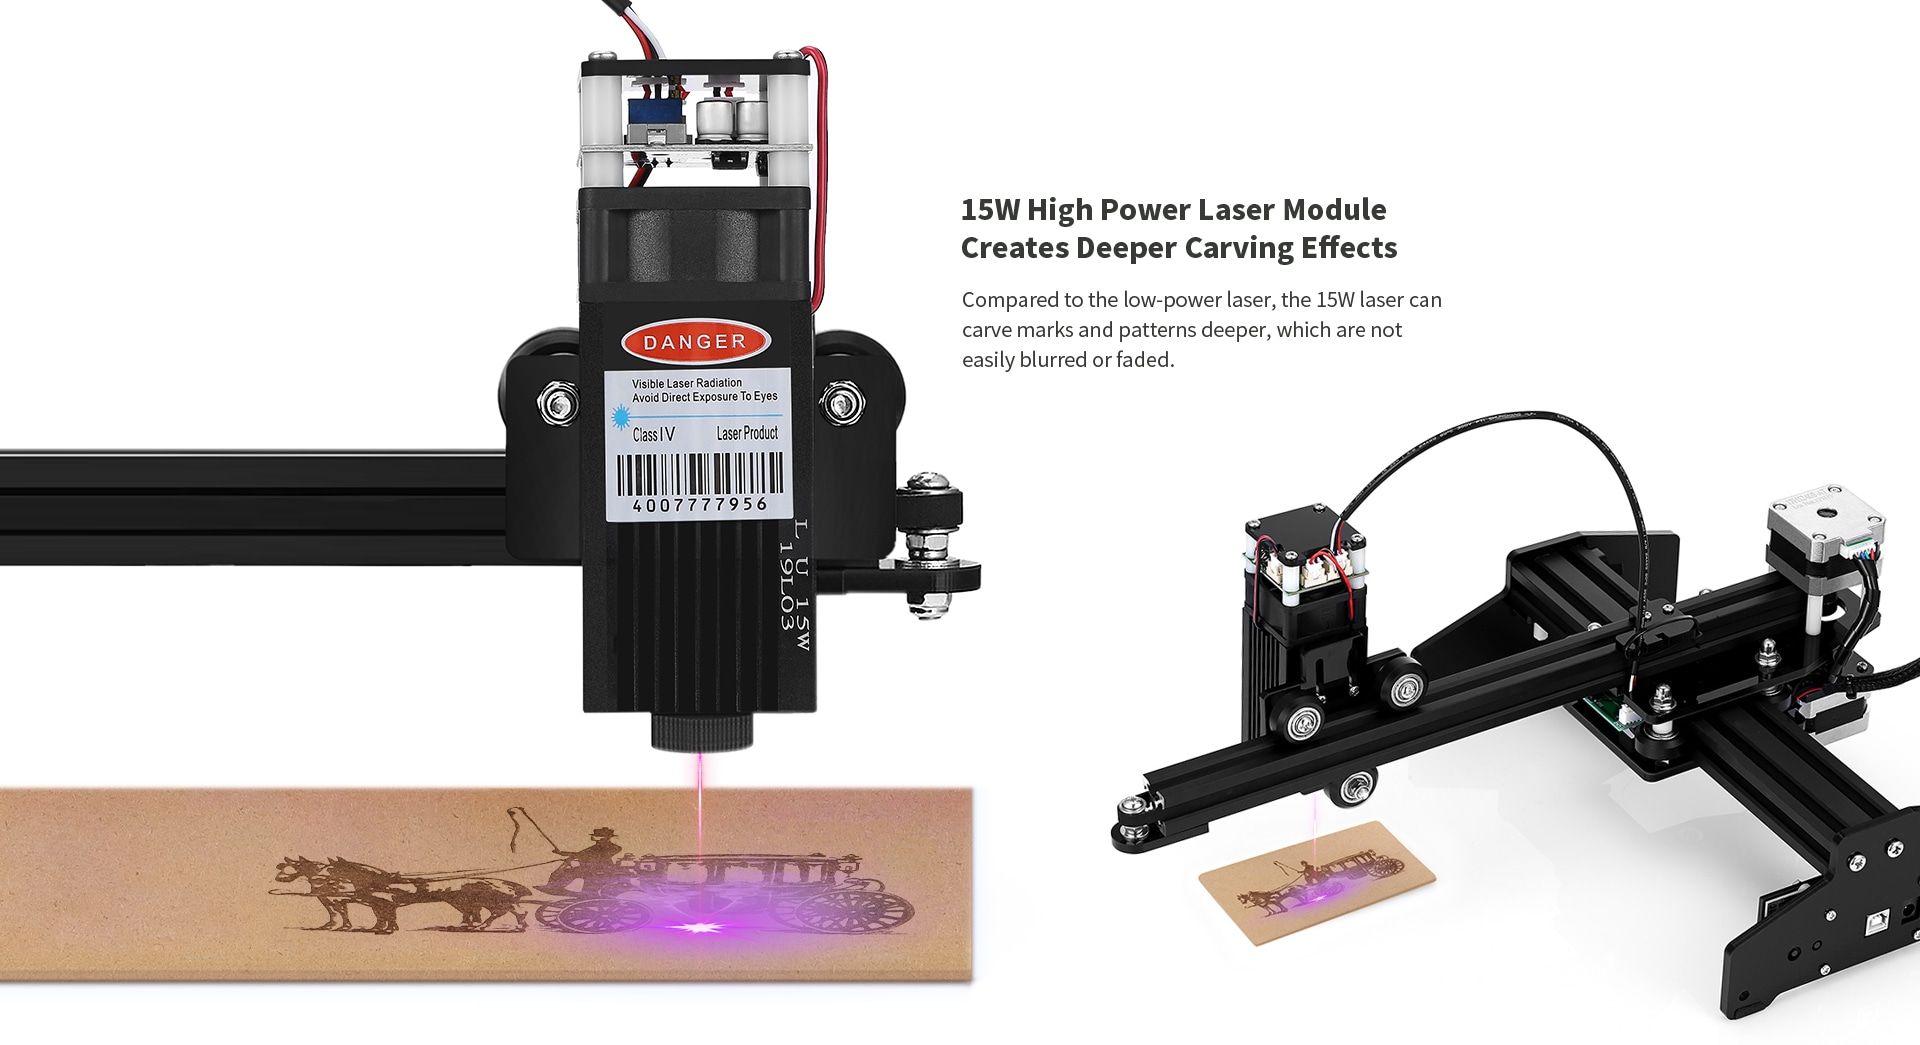 Ortur Laser Master 15w Desktop Laser Engraver Cutter Laser Engraving Machine Limited Offer 165 99 Gearbest Ex In 2020 Laser Engraving Machine Laser Engraving Laser